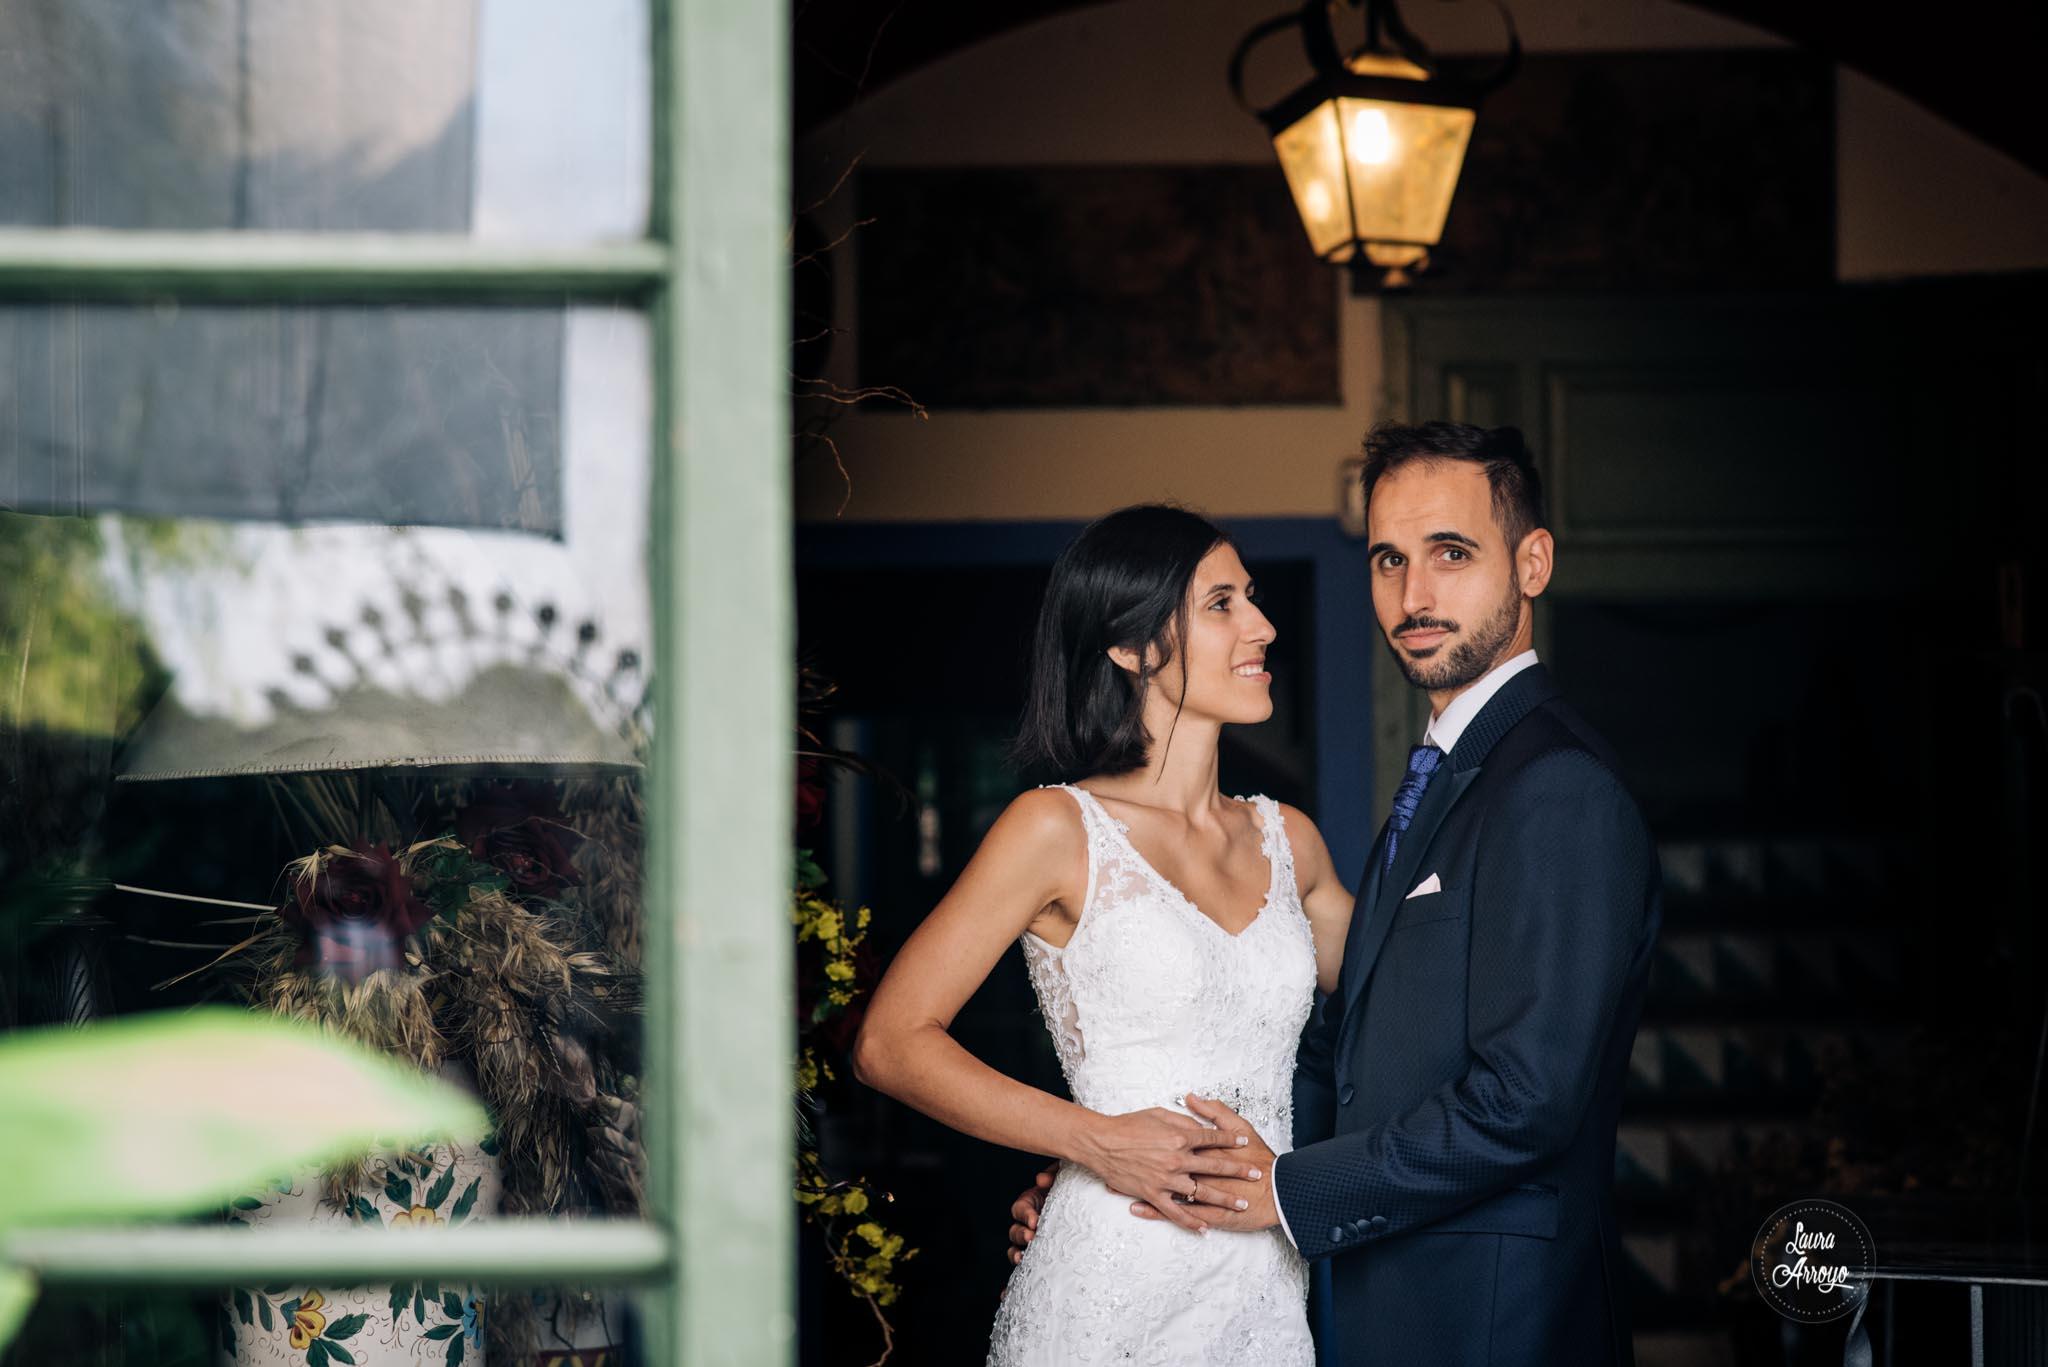 Postboda en la Masia Vilanoveta fotografía de boda Laura Arroyo